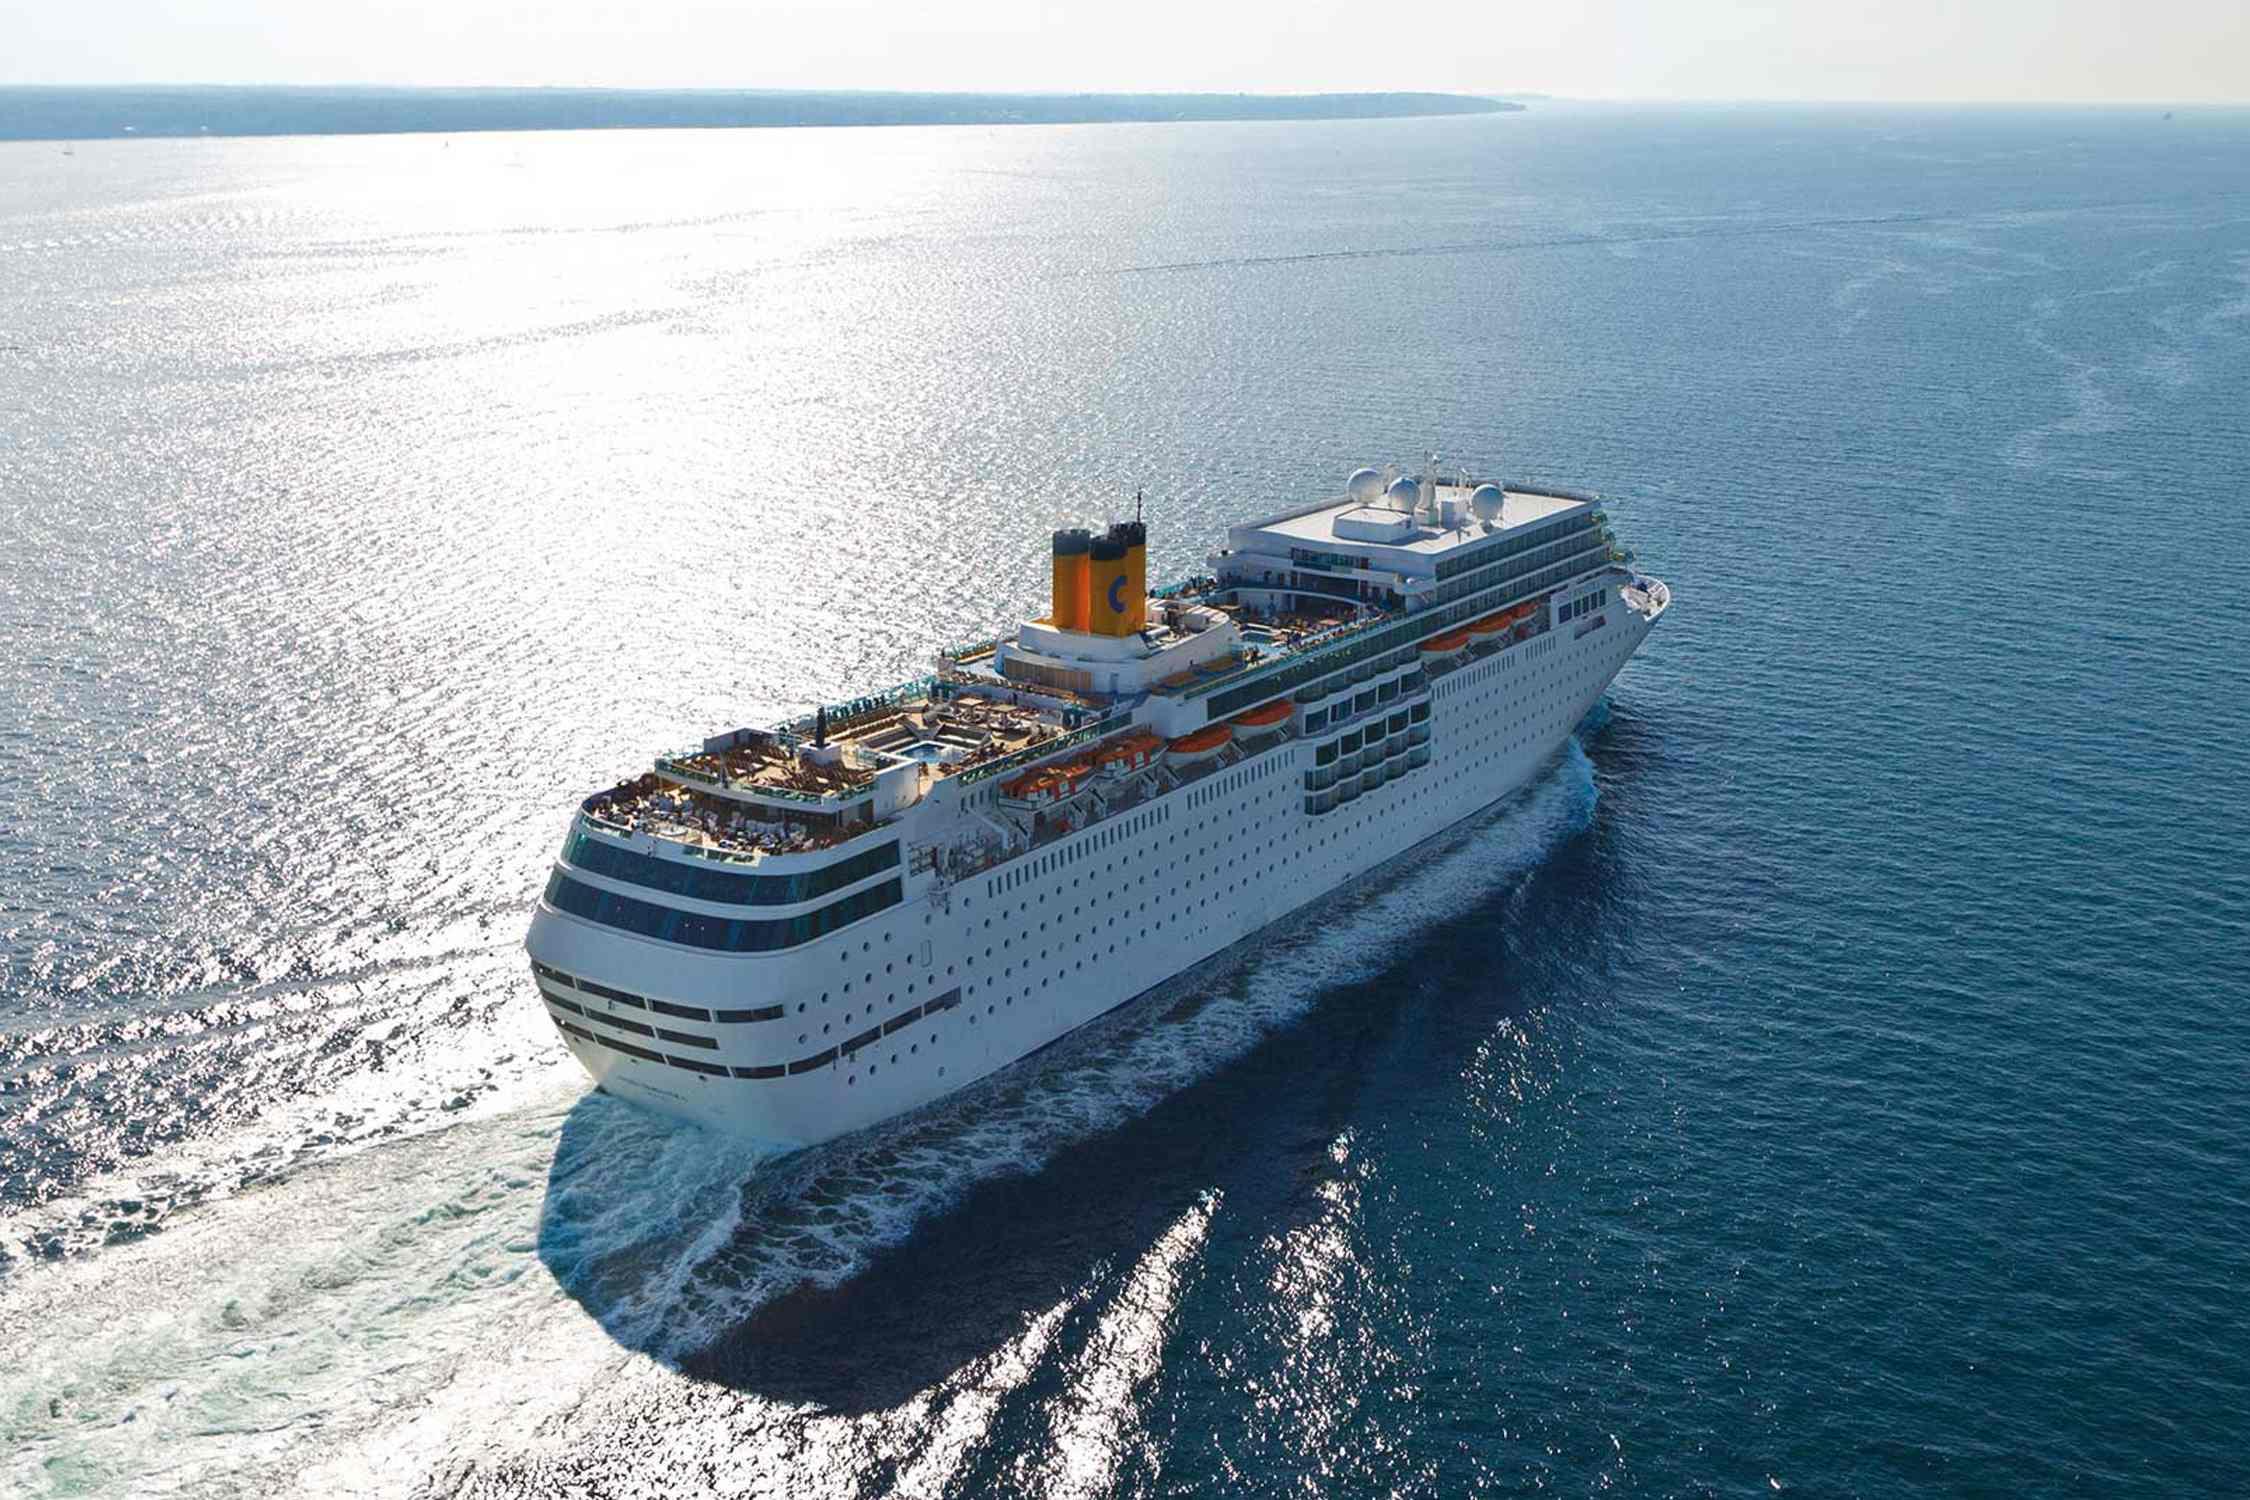 ทัวร์ล่องเรือสำราญ โตเกียว–โกเบ–เชจู (เกาหลี)–คาโกชิม่า-โตเกียว 8 วัน 6 คืน